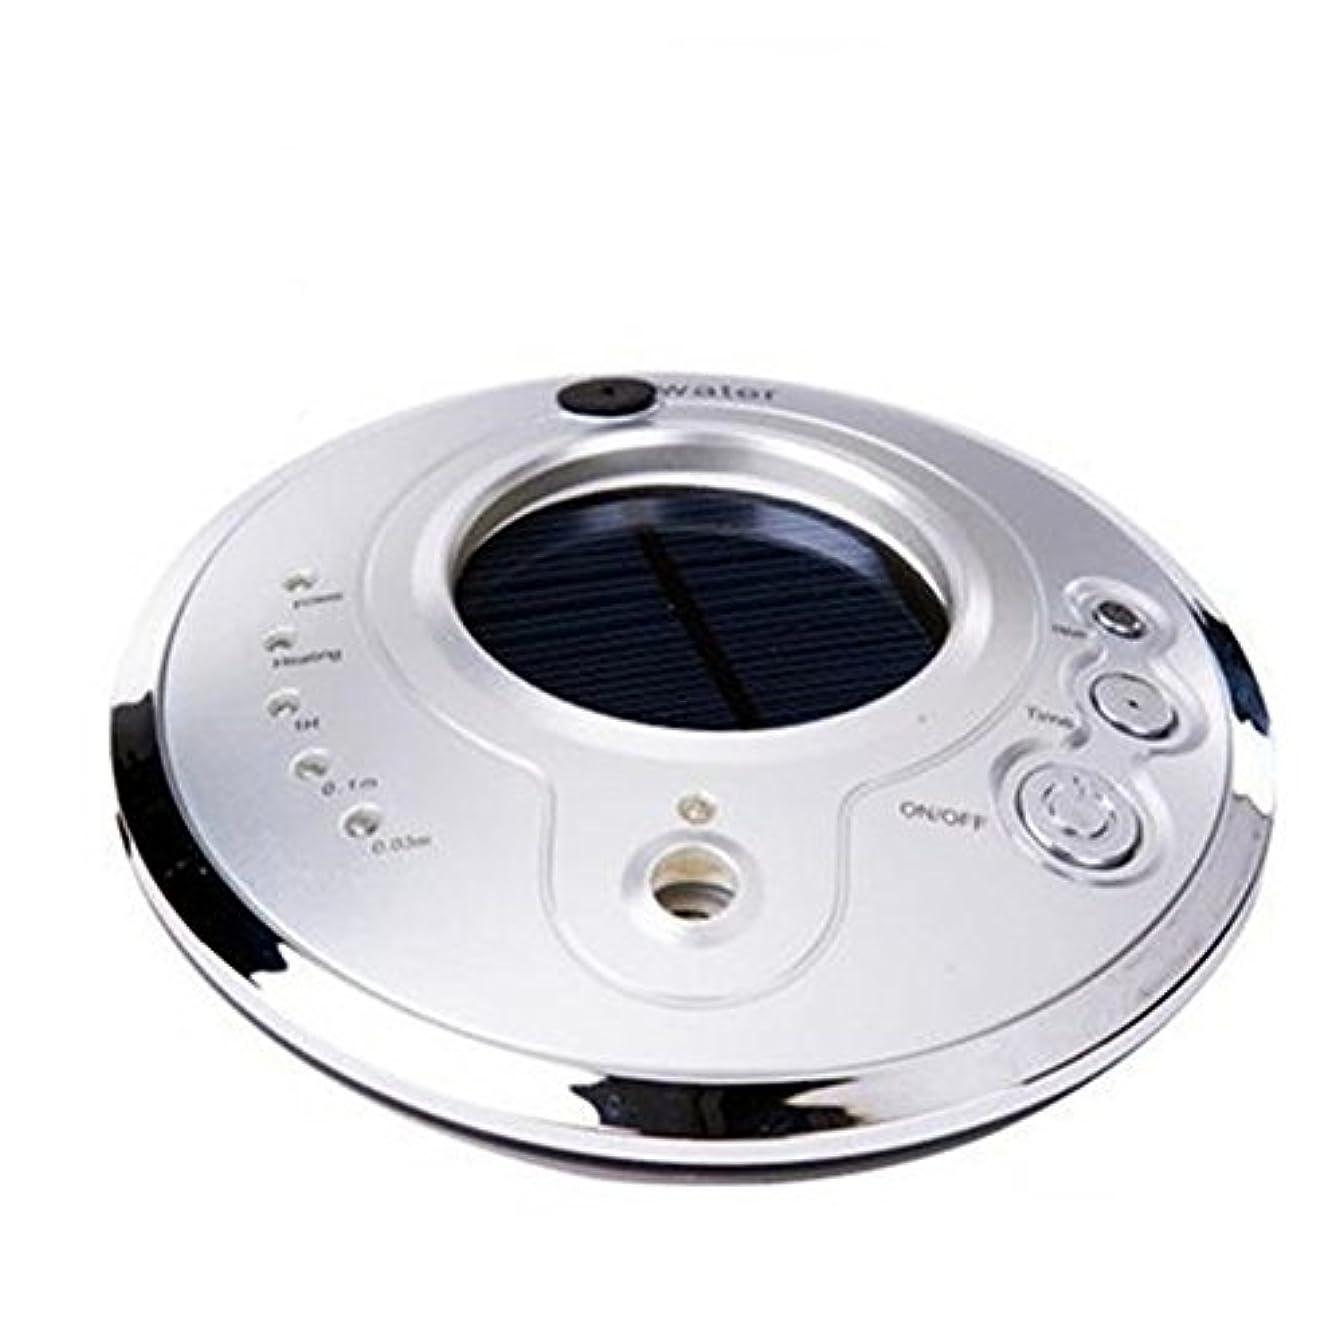 ゴミ懸念感嘆Auroraloveイオン空気清浄機Fresher USB車空気加湿器、ソーラーイオン加湿器、アロマセラピー車Essential Oil Diffuser、超音波車モードで調節可能なミスト加湿器 シルバー